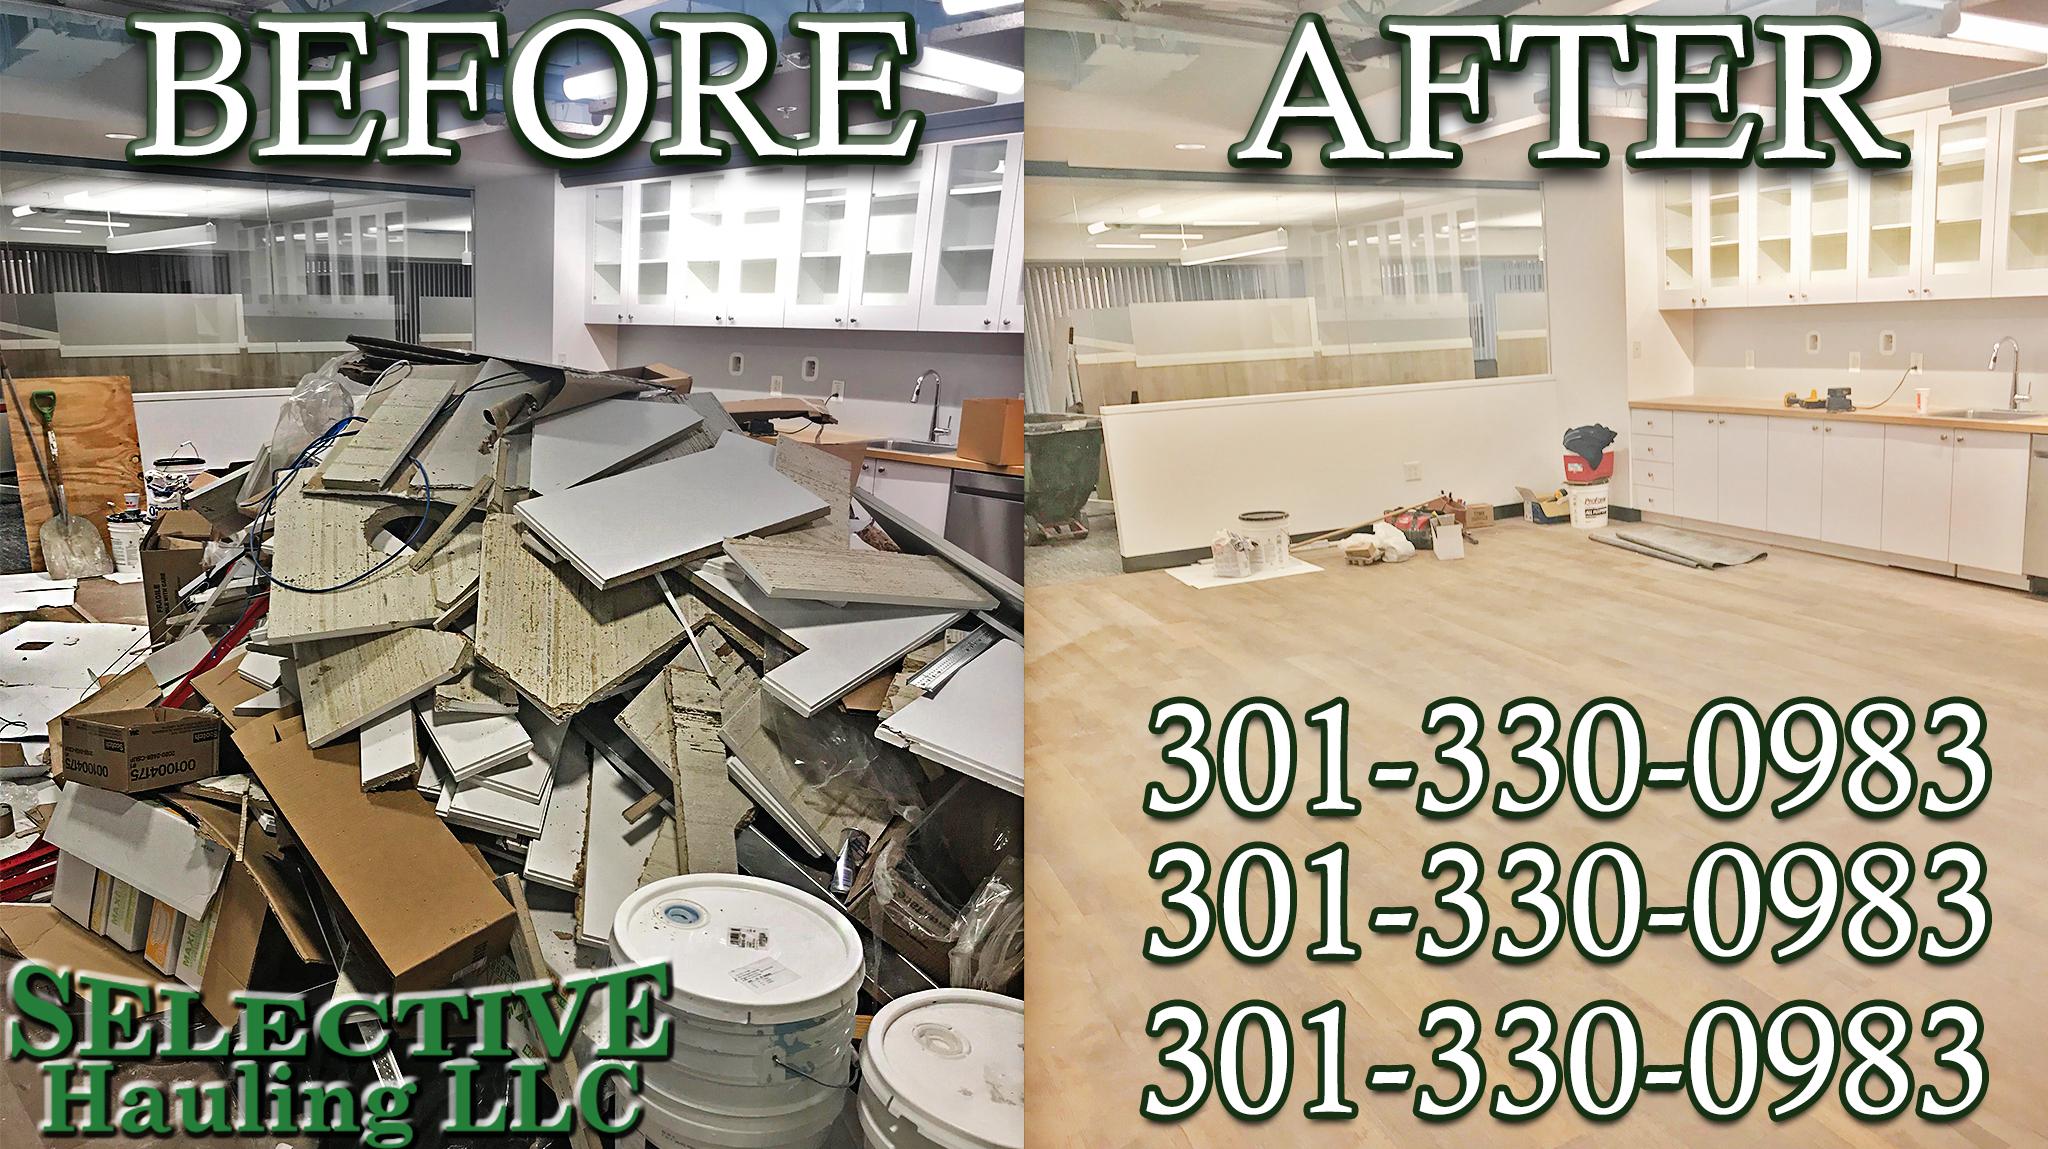 Junk removal service Virginia